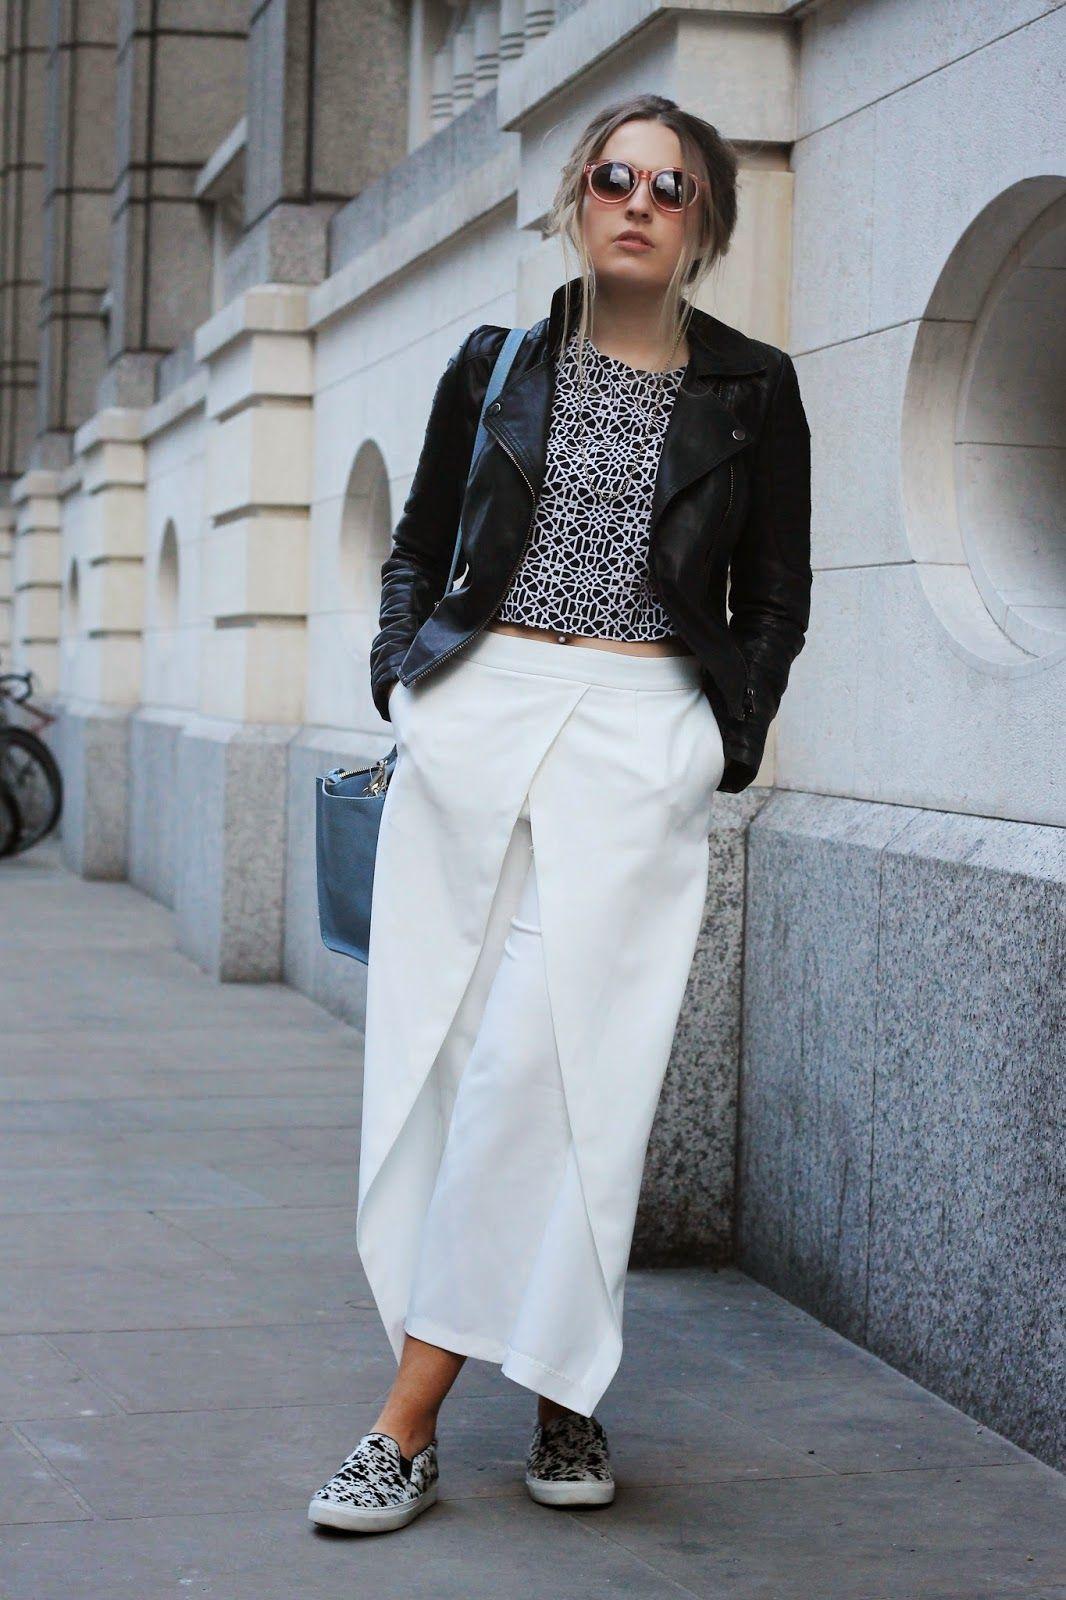 Fashion Fade Magazine Blogger Spotlight Style Confessional Slip On Sneakers White Midi